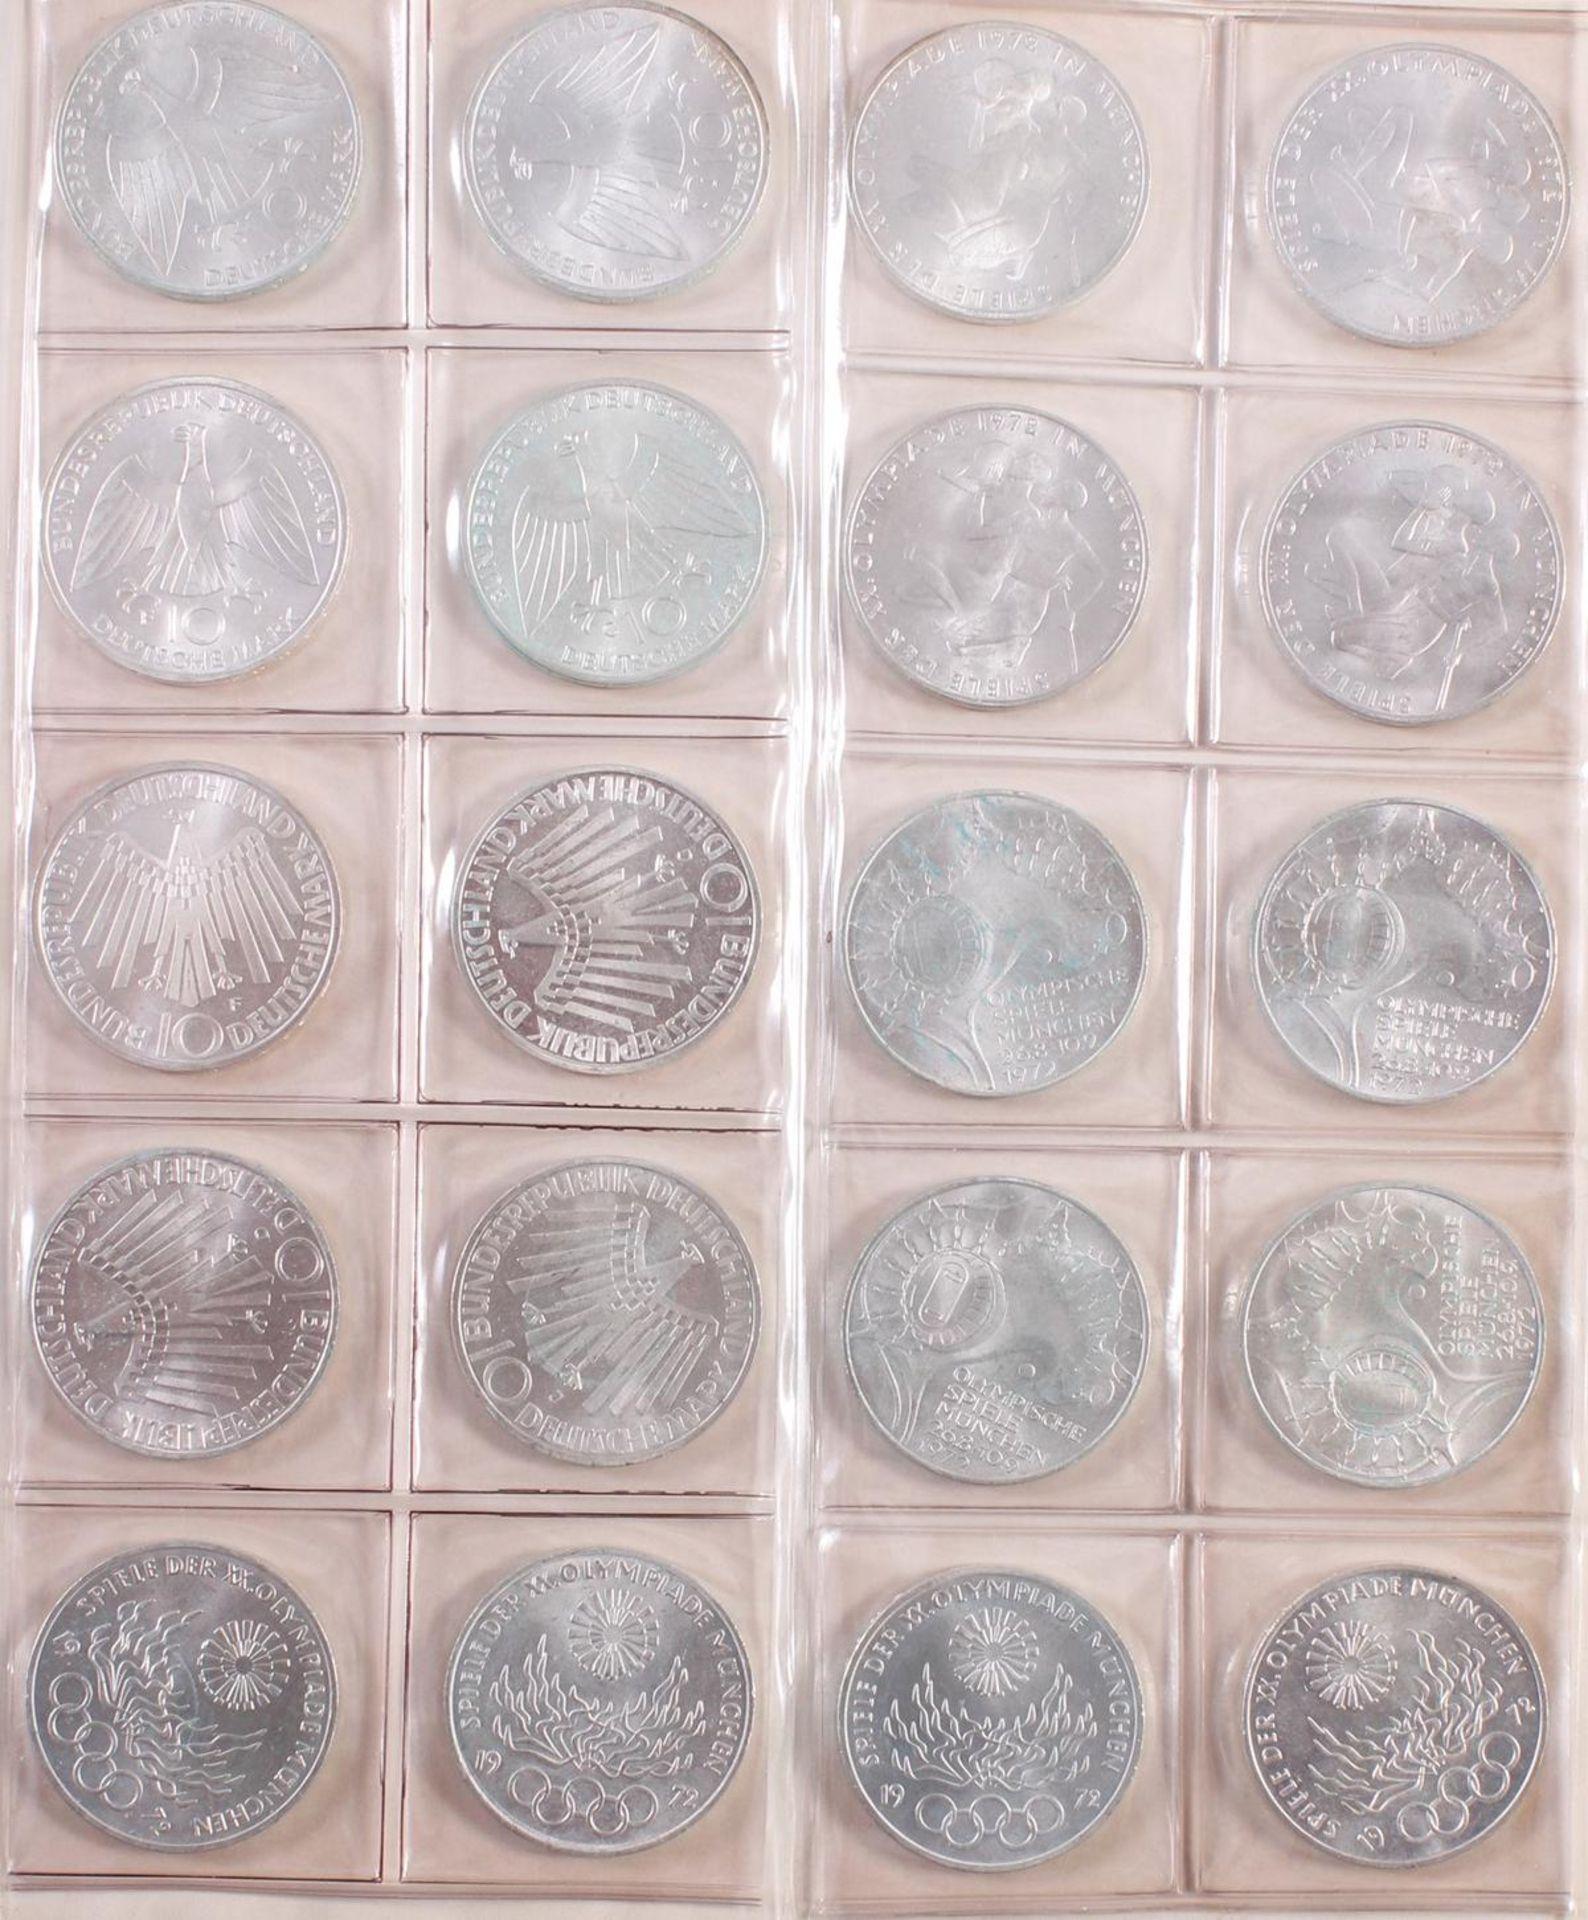 Münzsammlung BRD und alle Welt mit einer Goldmünze - Bild 4 aus 15